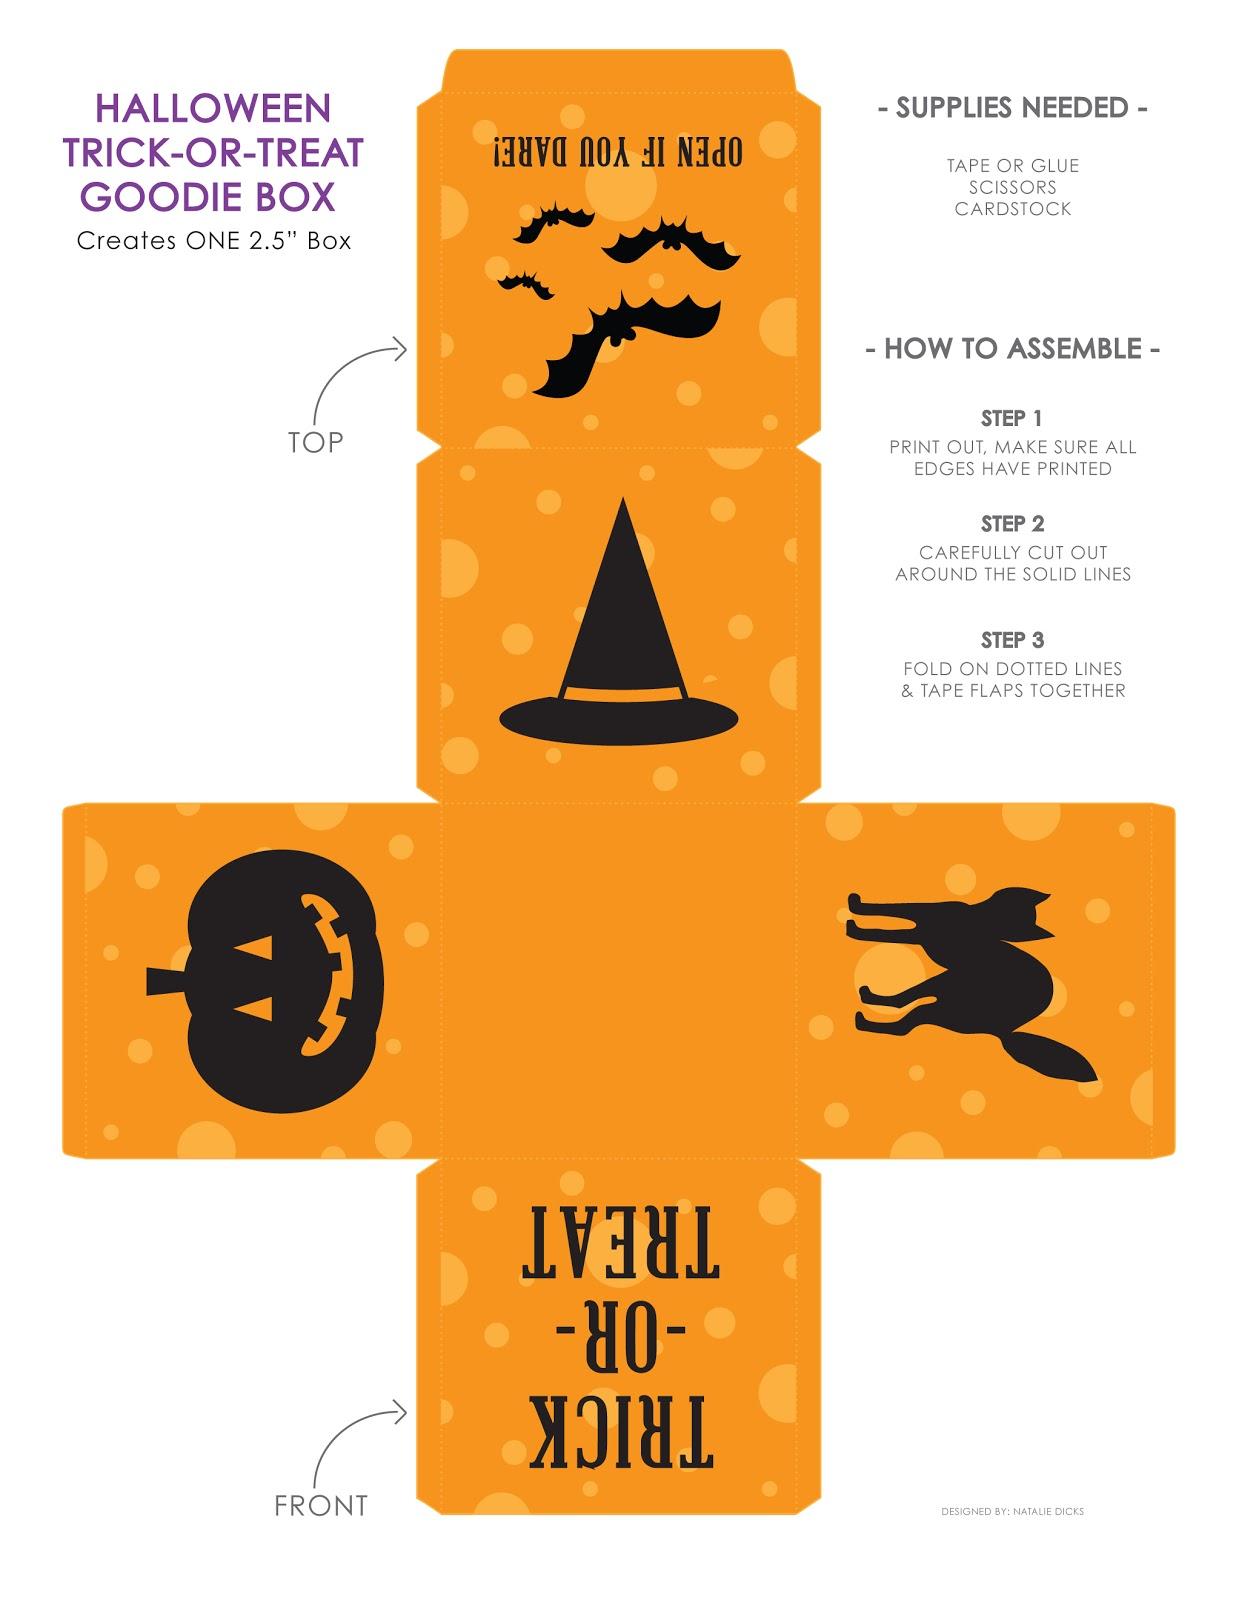 Halloween Goobox